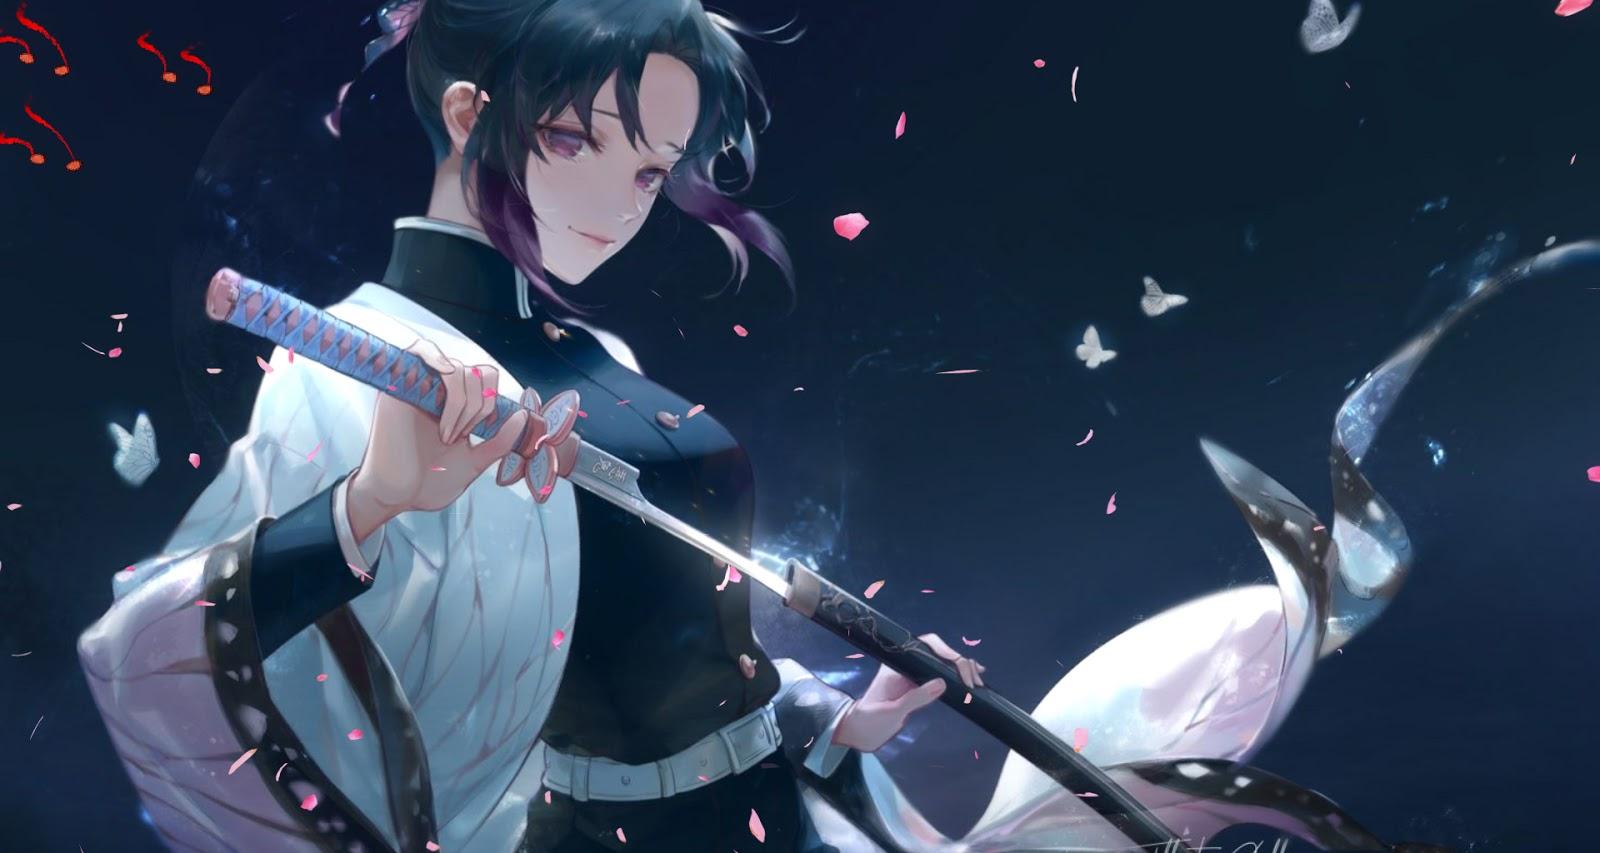 Shinobu Kochou Anime Live Wallpaper